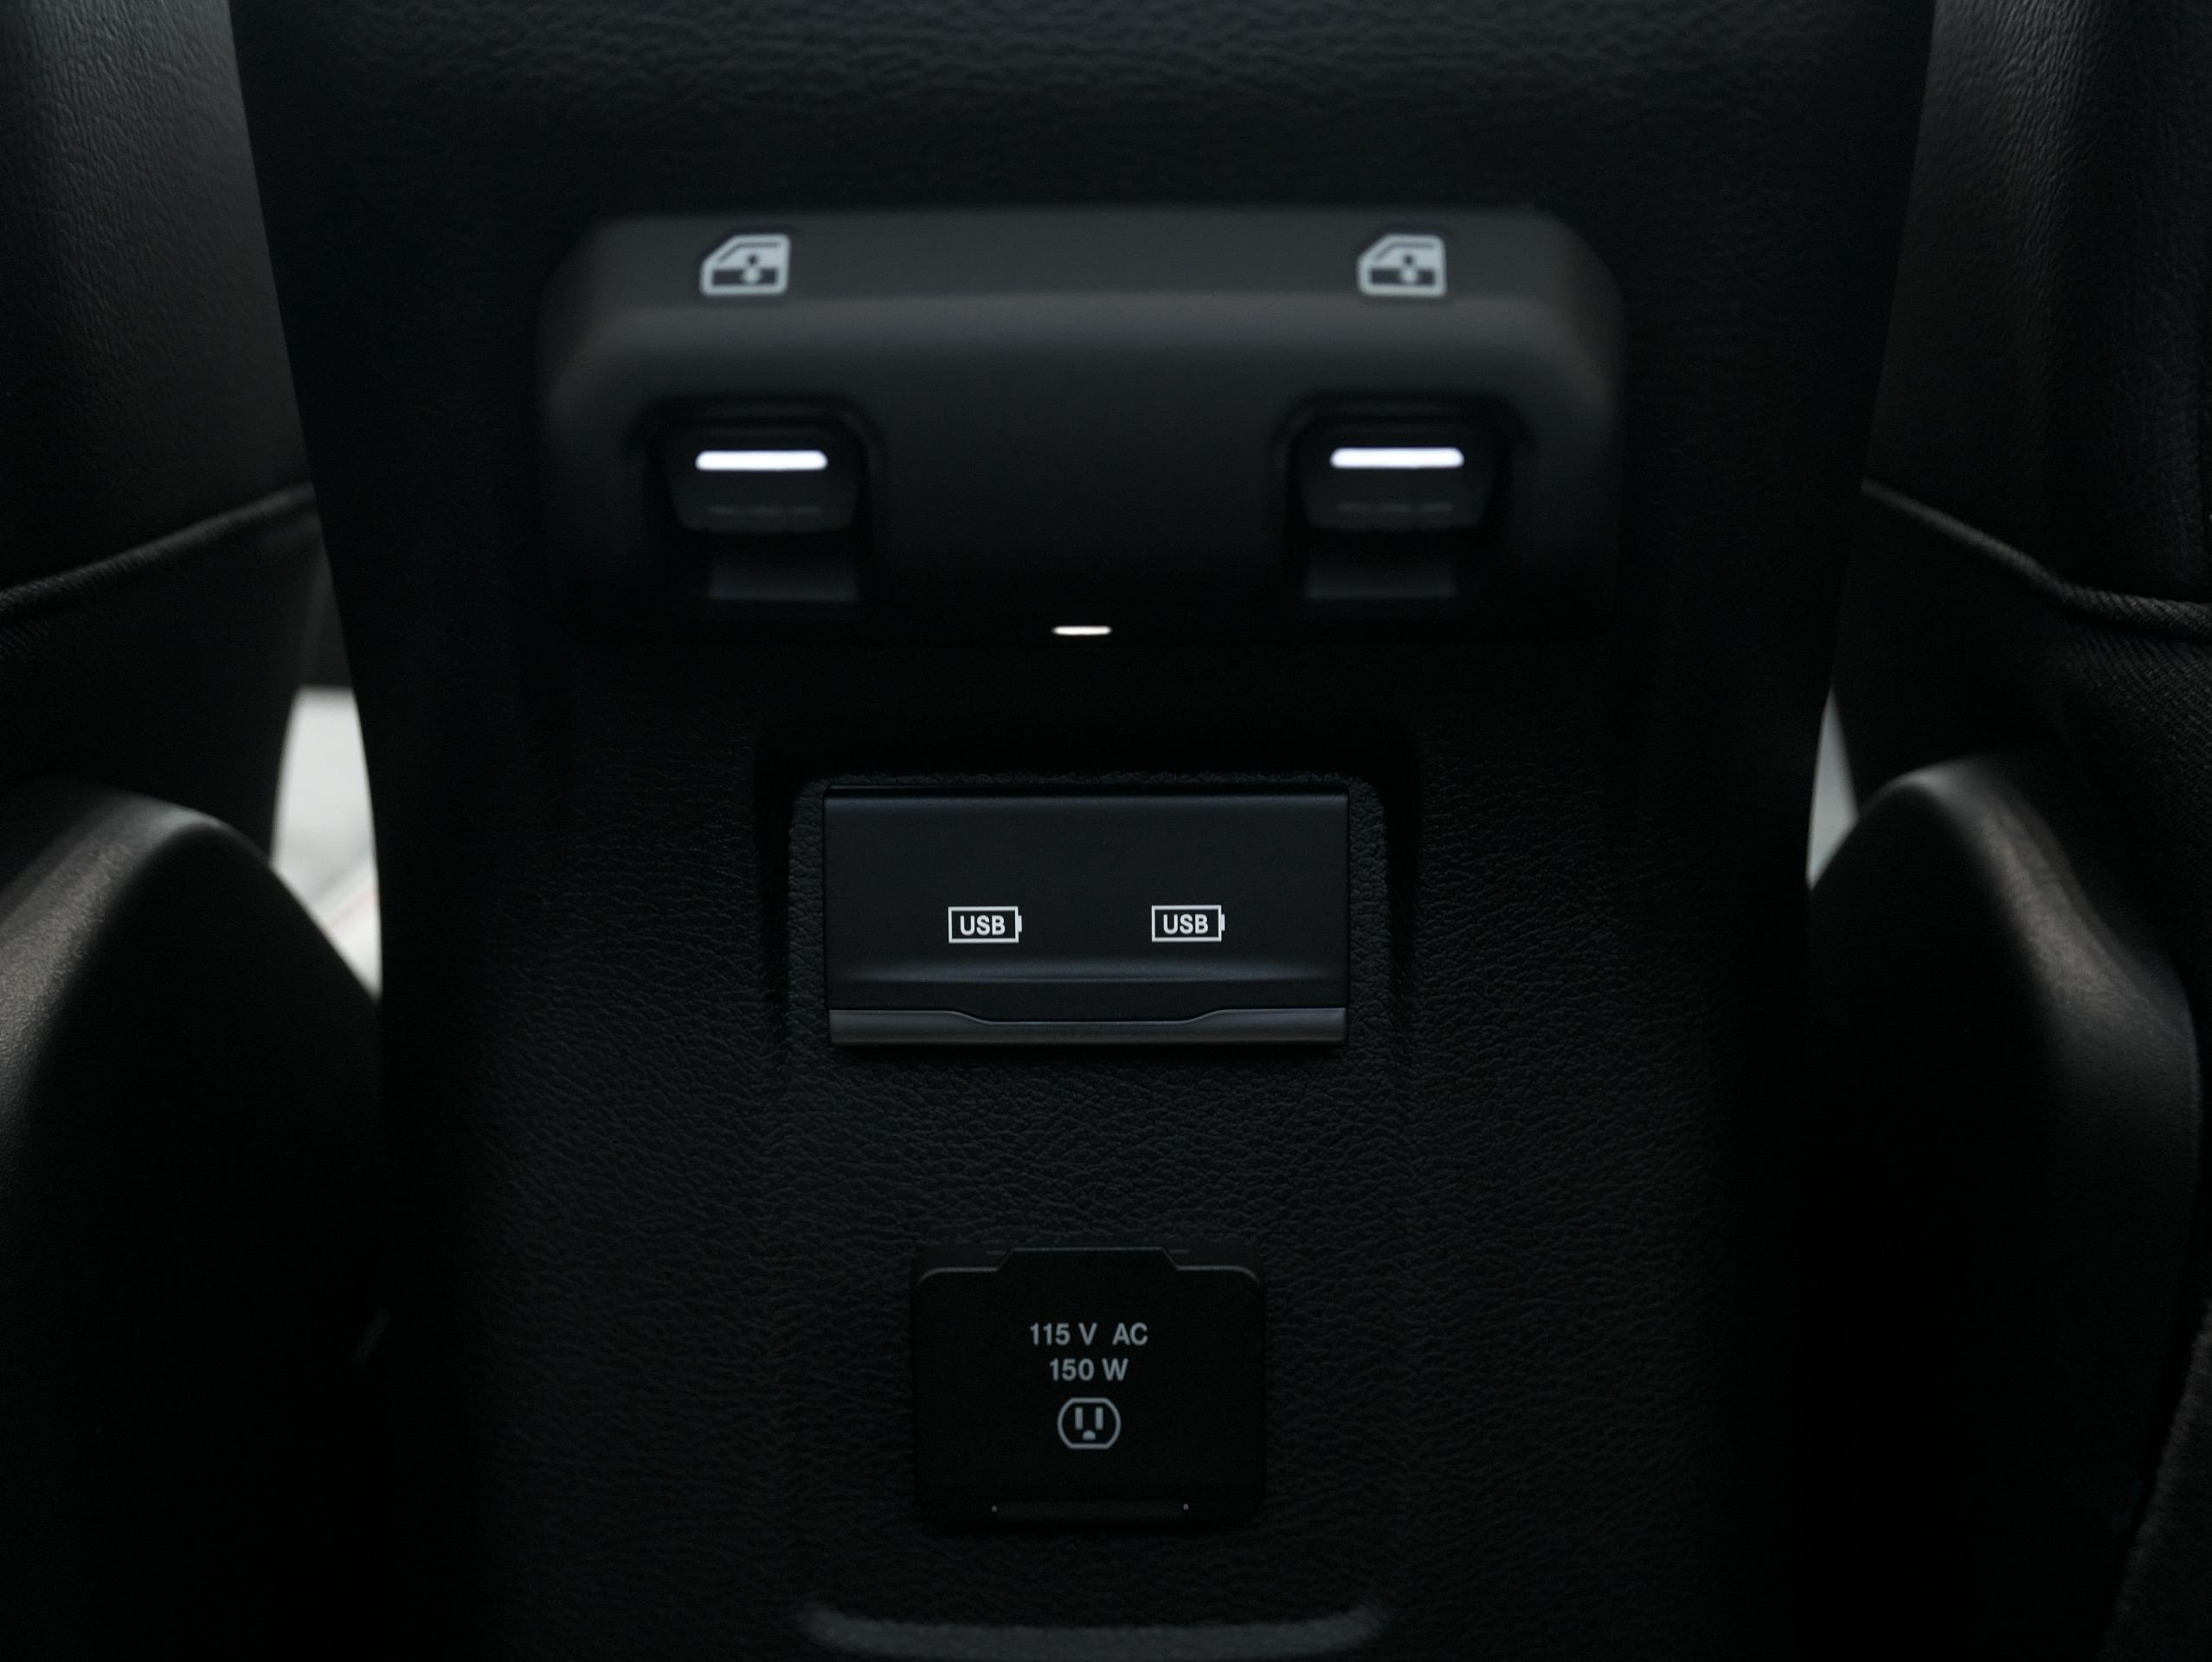 ラングラーアンリミテッド ルビコン USBポート